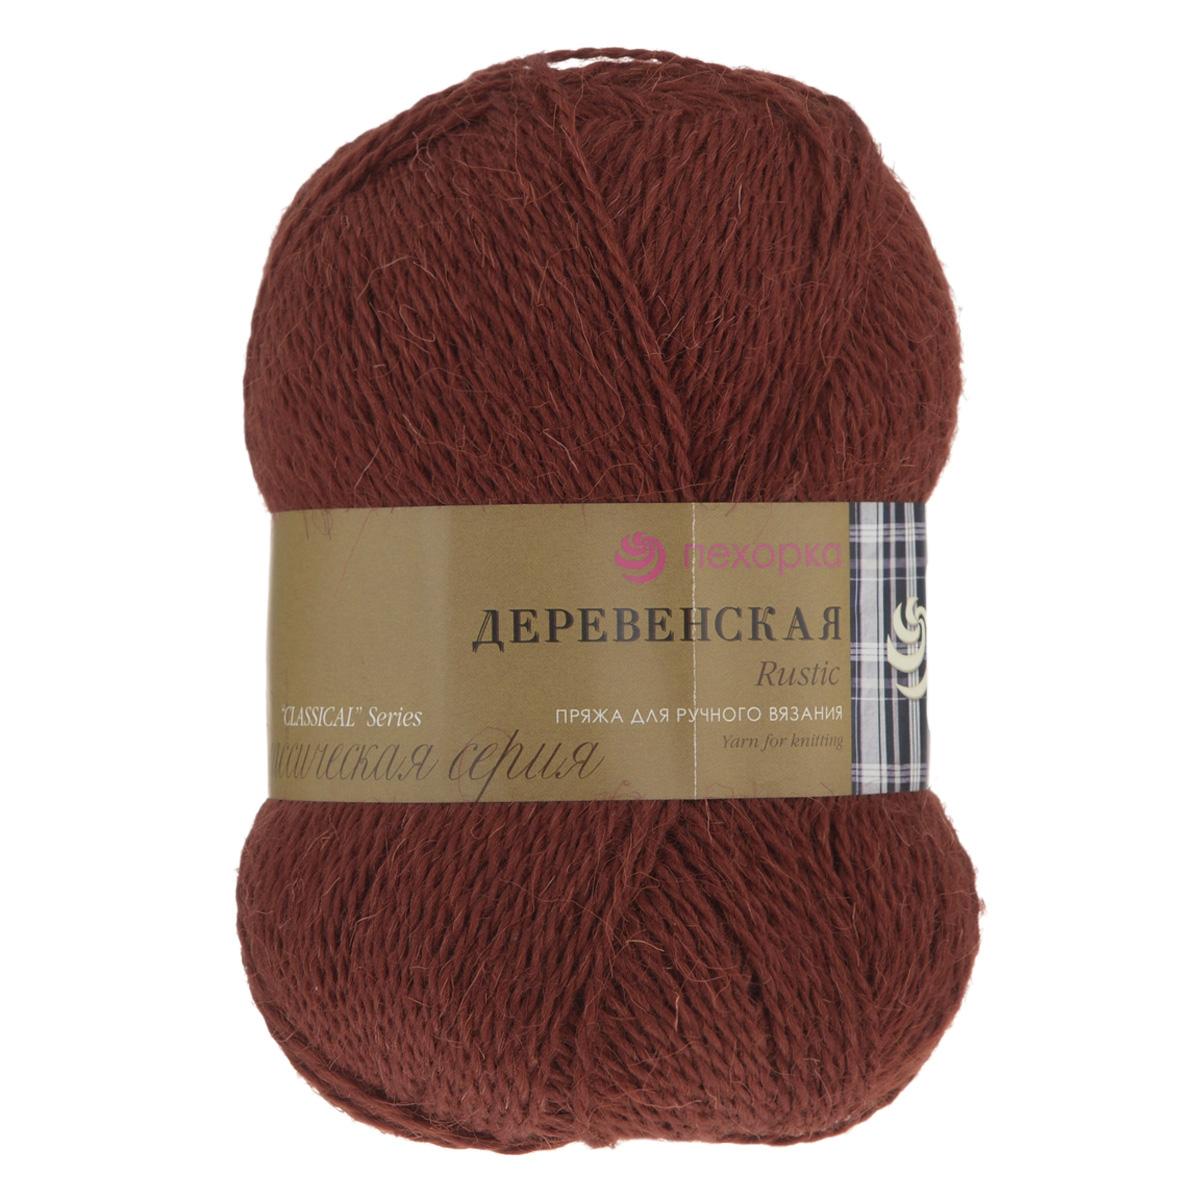 """Пряжа для вязания Пехорка """"Деревенская"""", цвет: красное дерево (487), 250 м, 100 гр, 10 шт"""